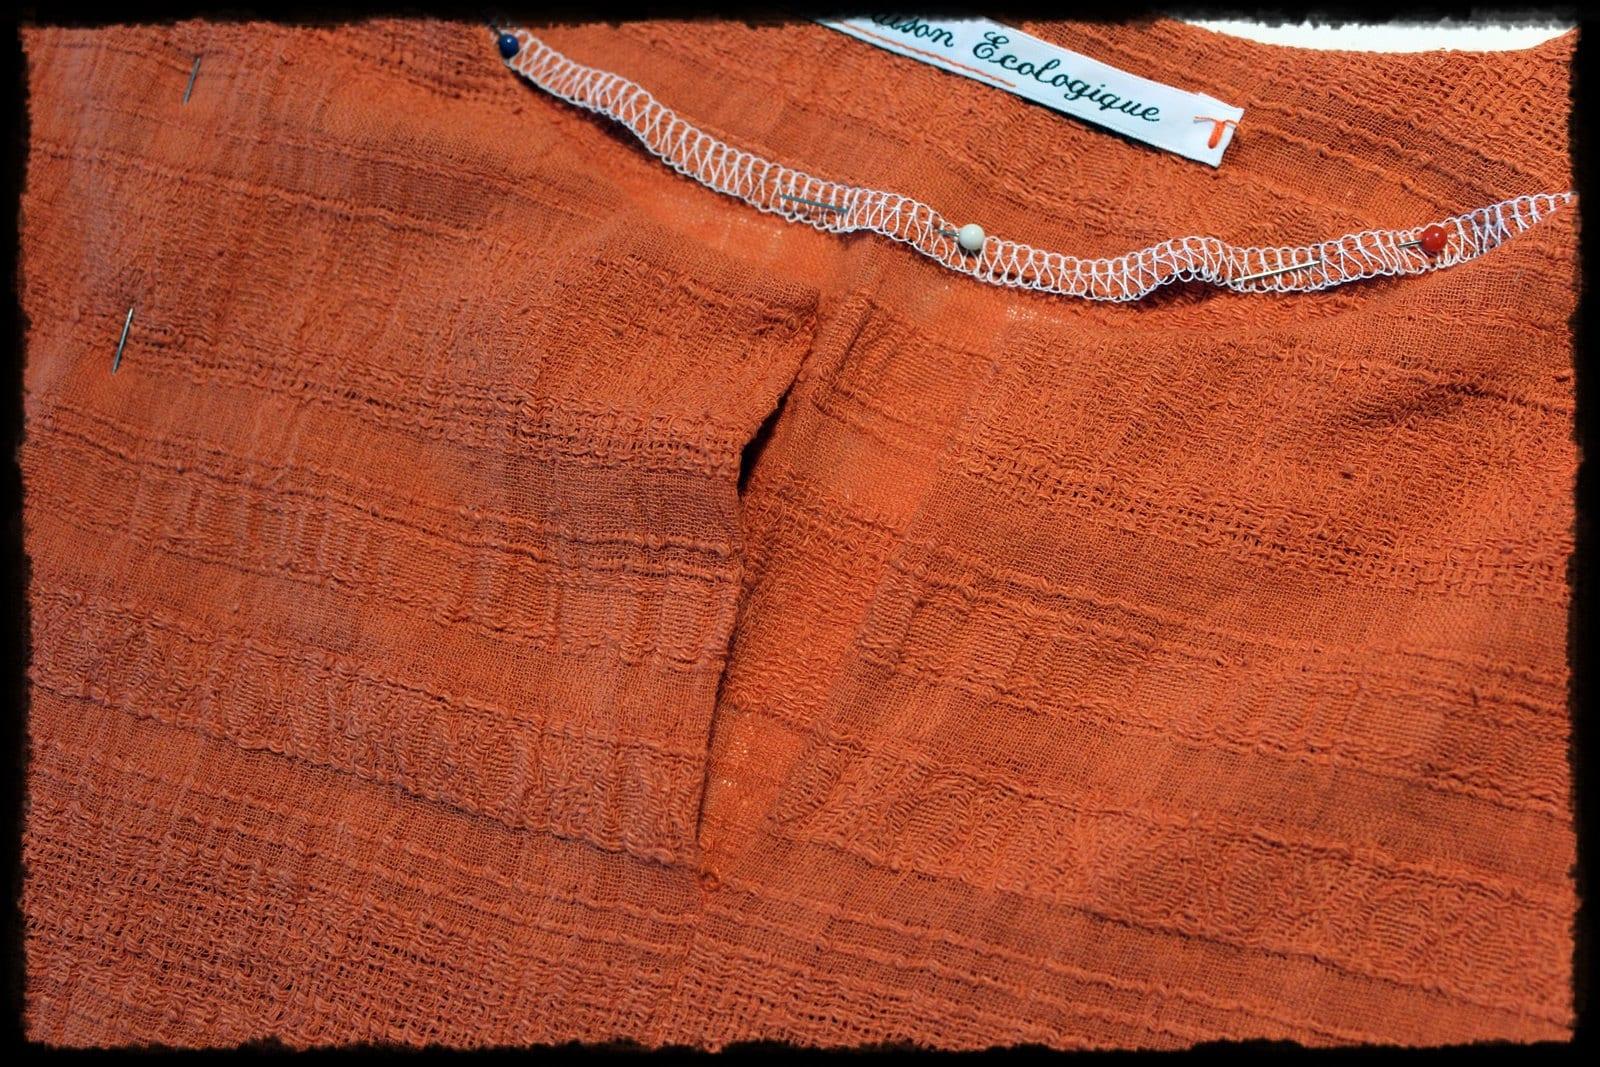 Tunique en lin orange pour homme - Tunic in orange linen for men